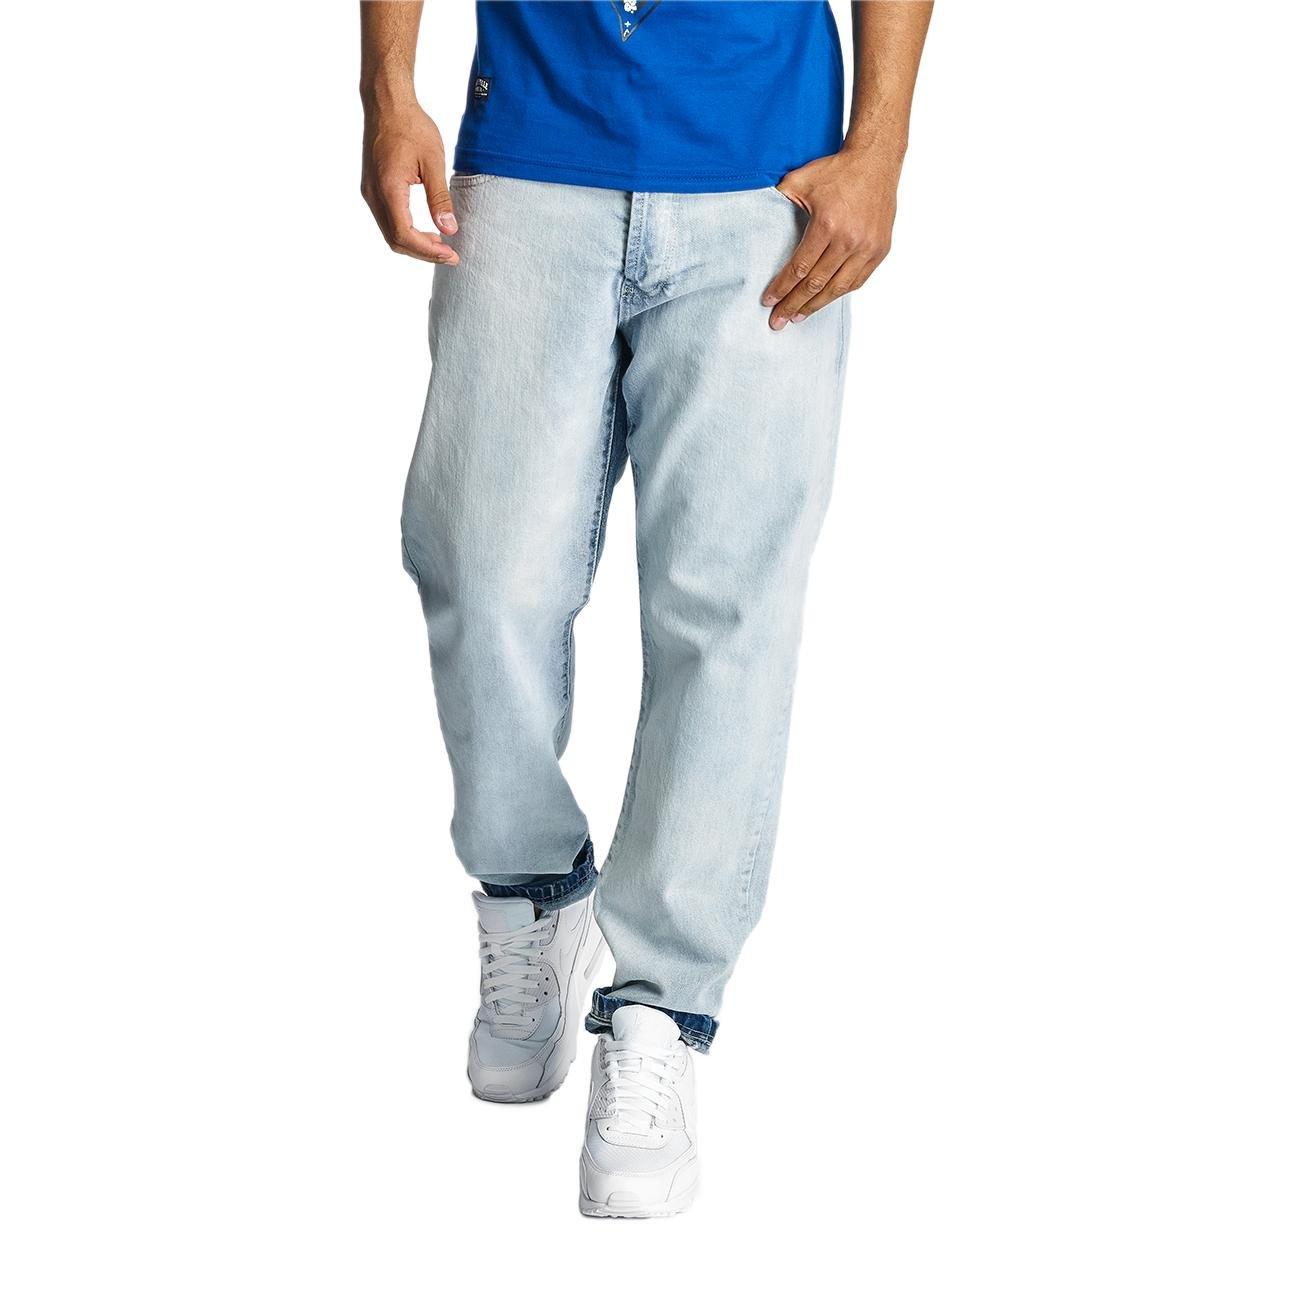 Thug Life Männer Sport-Karottenjeans Washed in blau